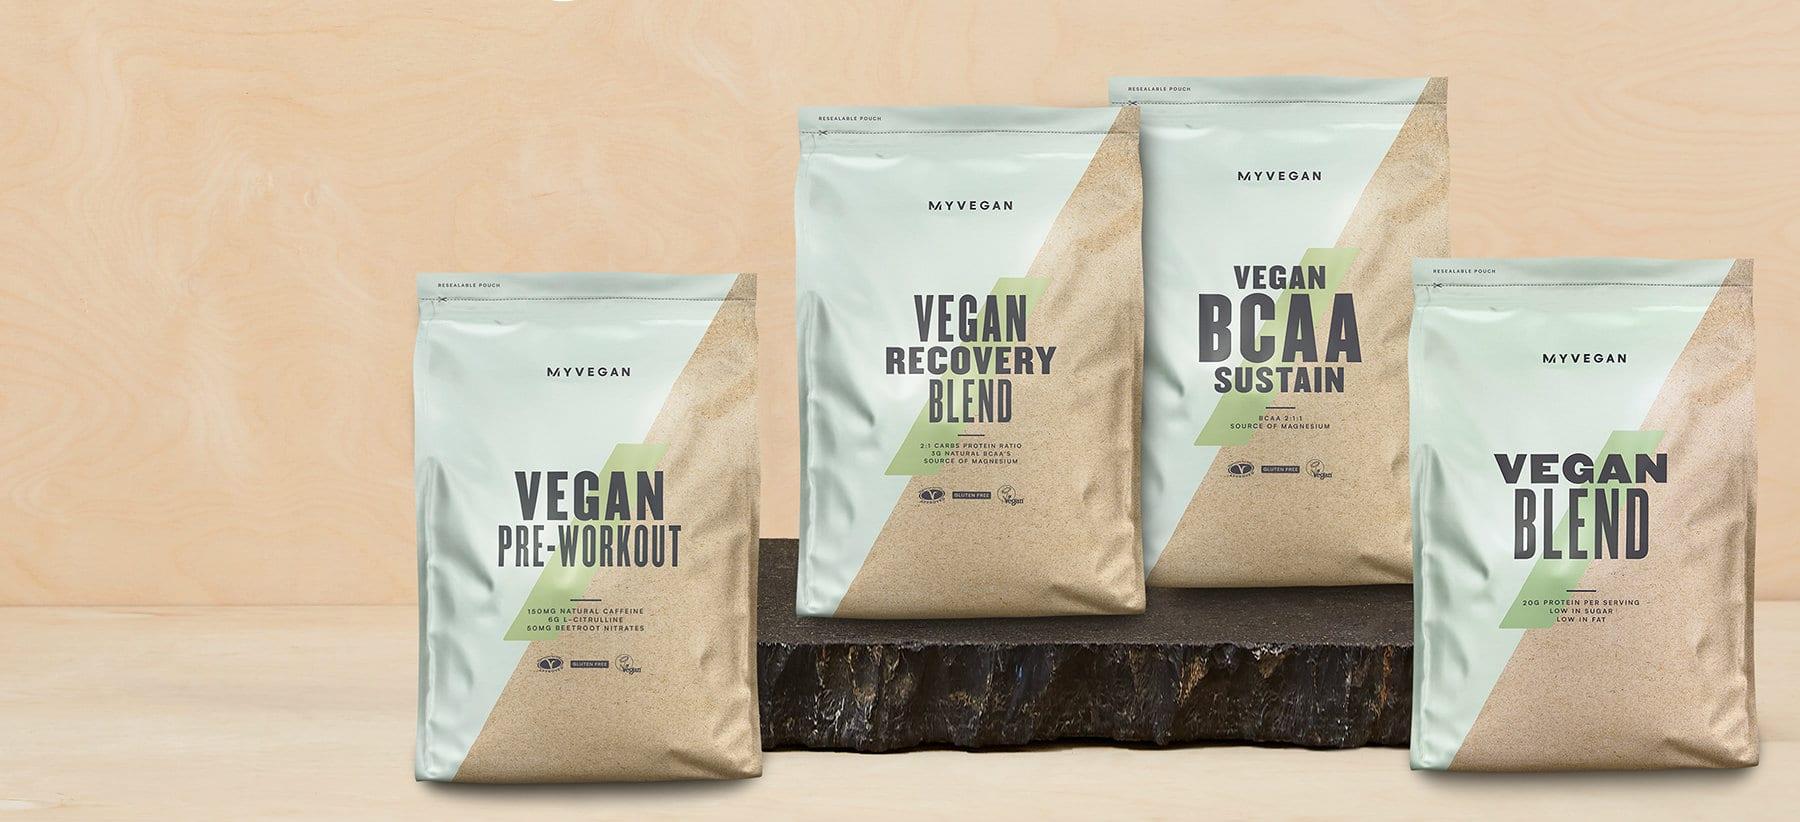 Διατροφή για vegan | 4 φυτικά συμπληρώματα για την προπόνηση